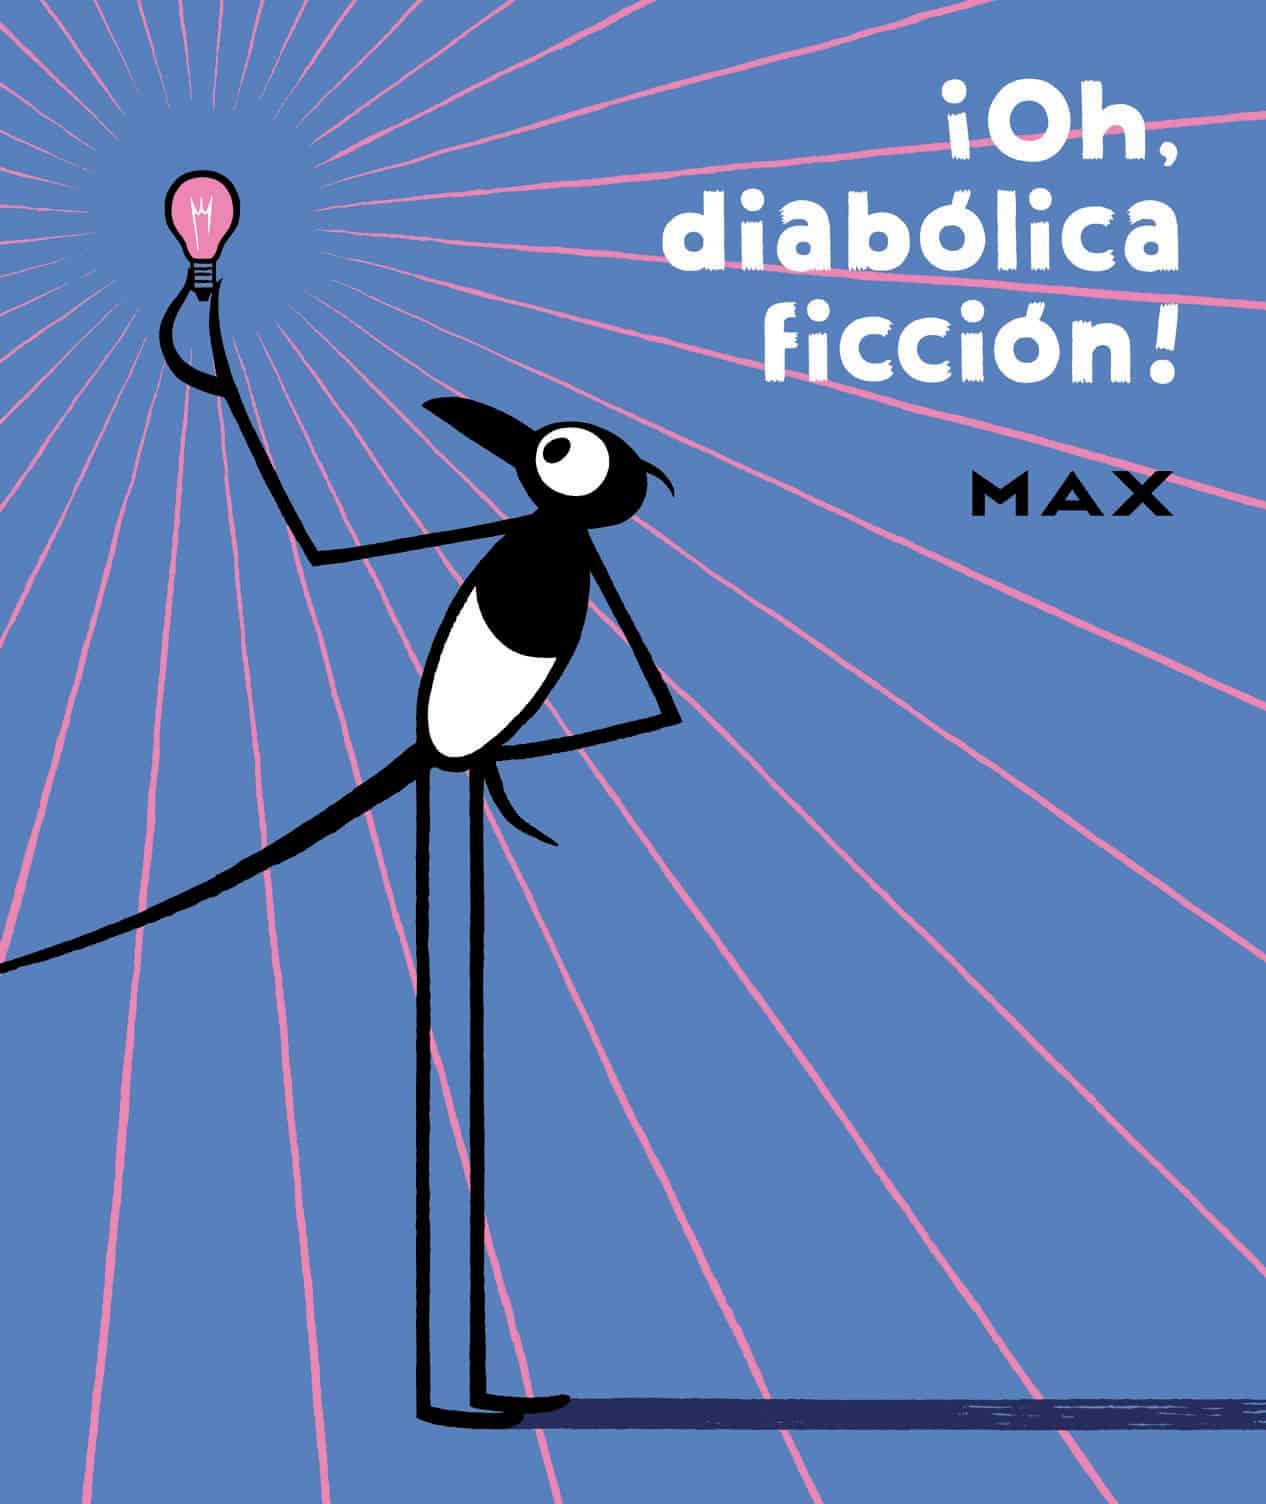 ¡OH, DIABOLICA FICCION!